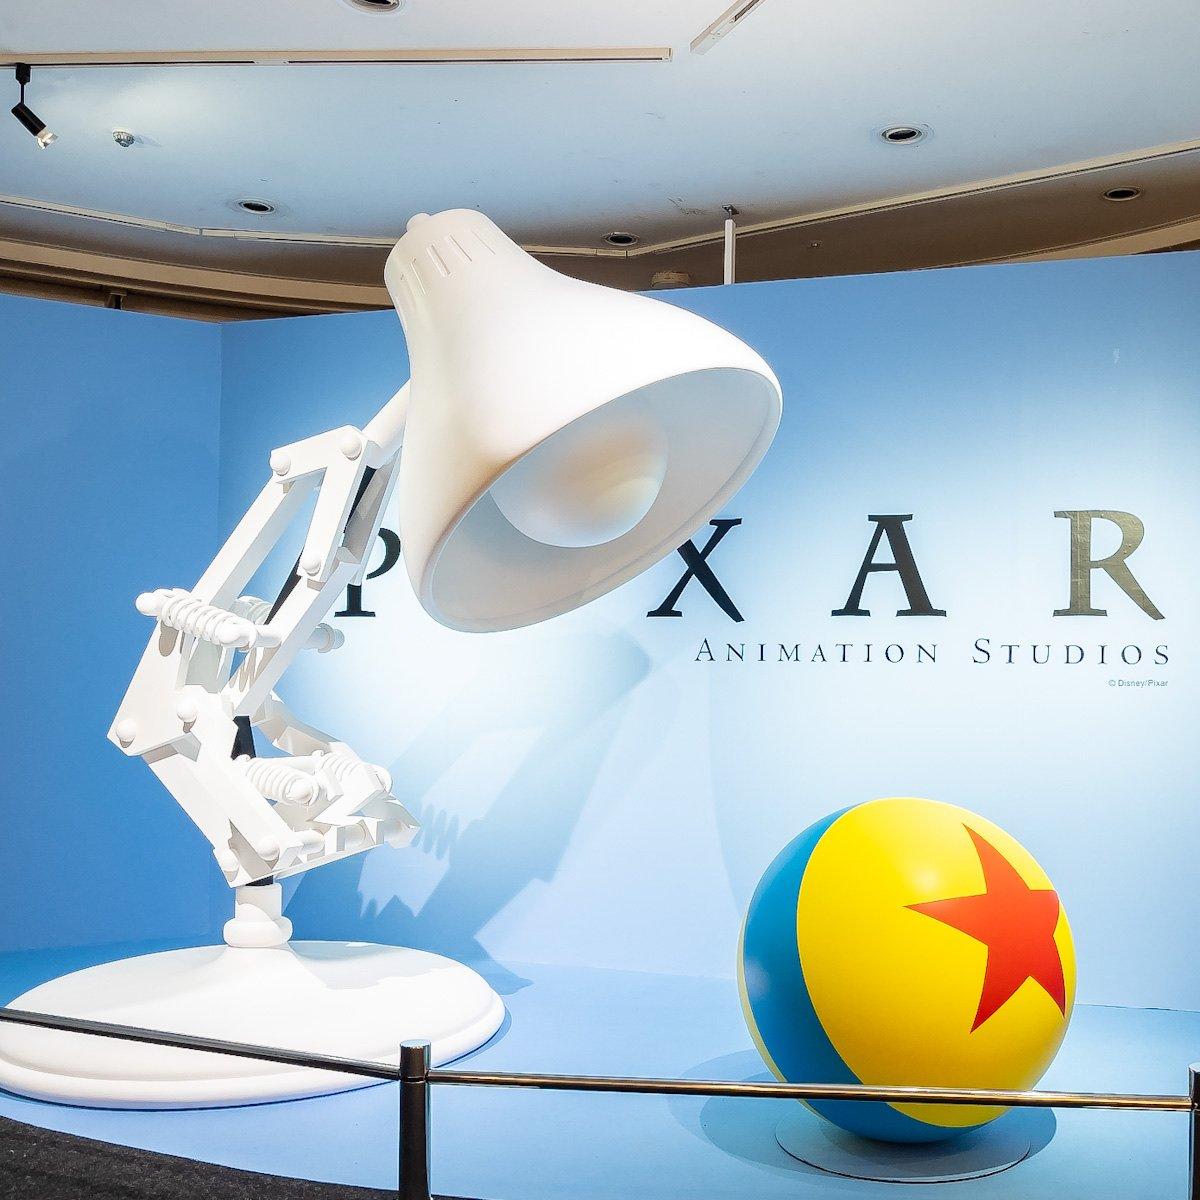 展示&物販イベント「PIXAR! PIXAR! PIXAR!(ピクサー!ピクサー!ピクサー!)」